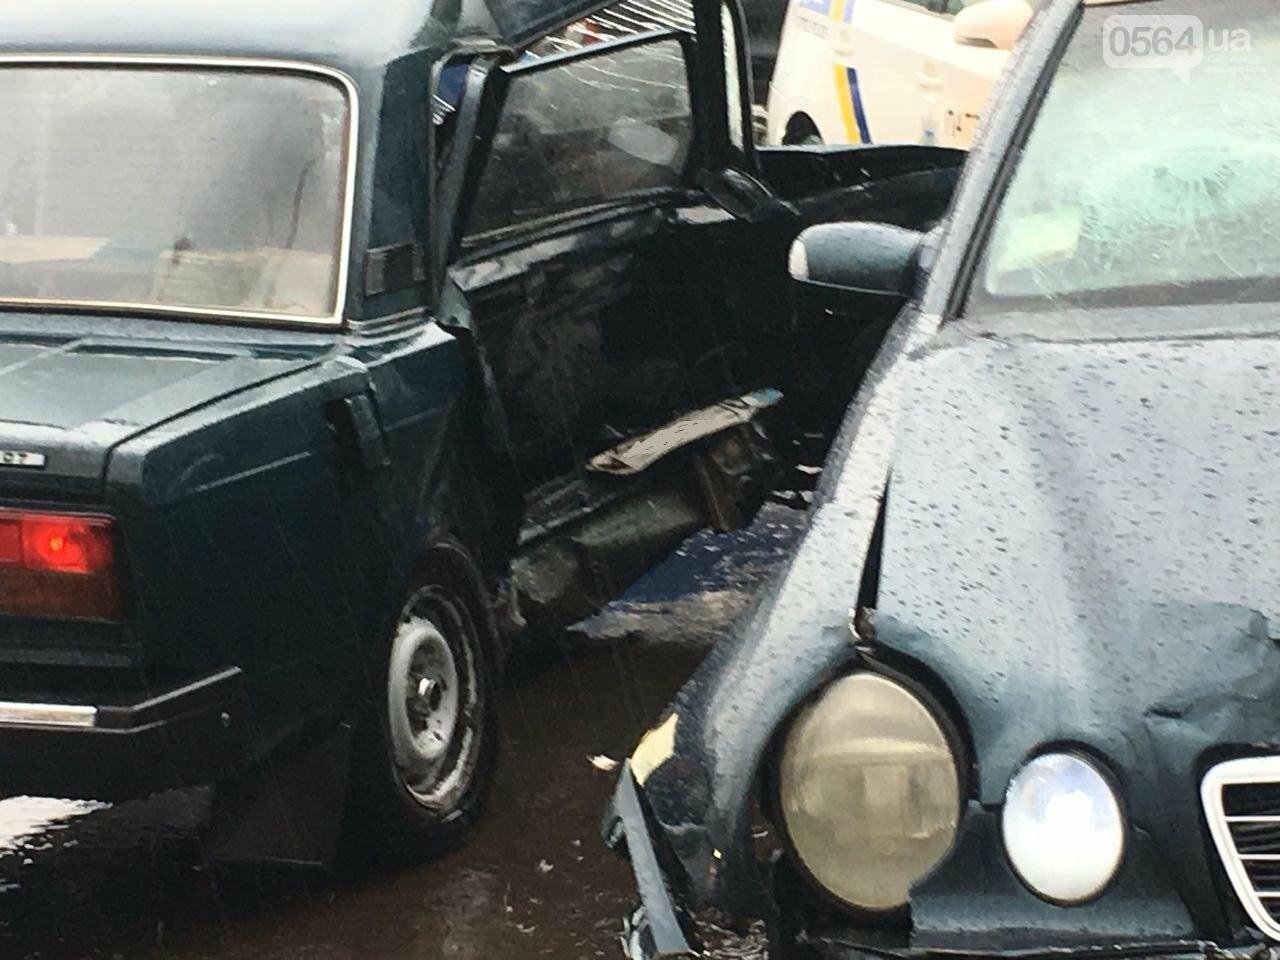 В Кривом Роге под дождем на перекрестке столкнулись иномарка и ВАЗ, - ФОТО, фото-17